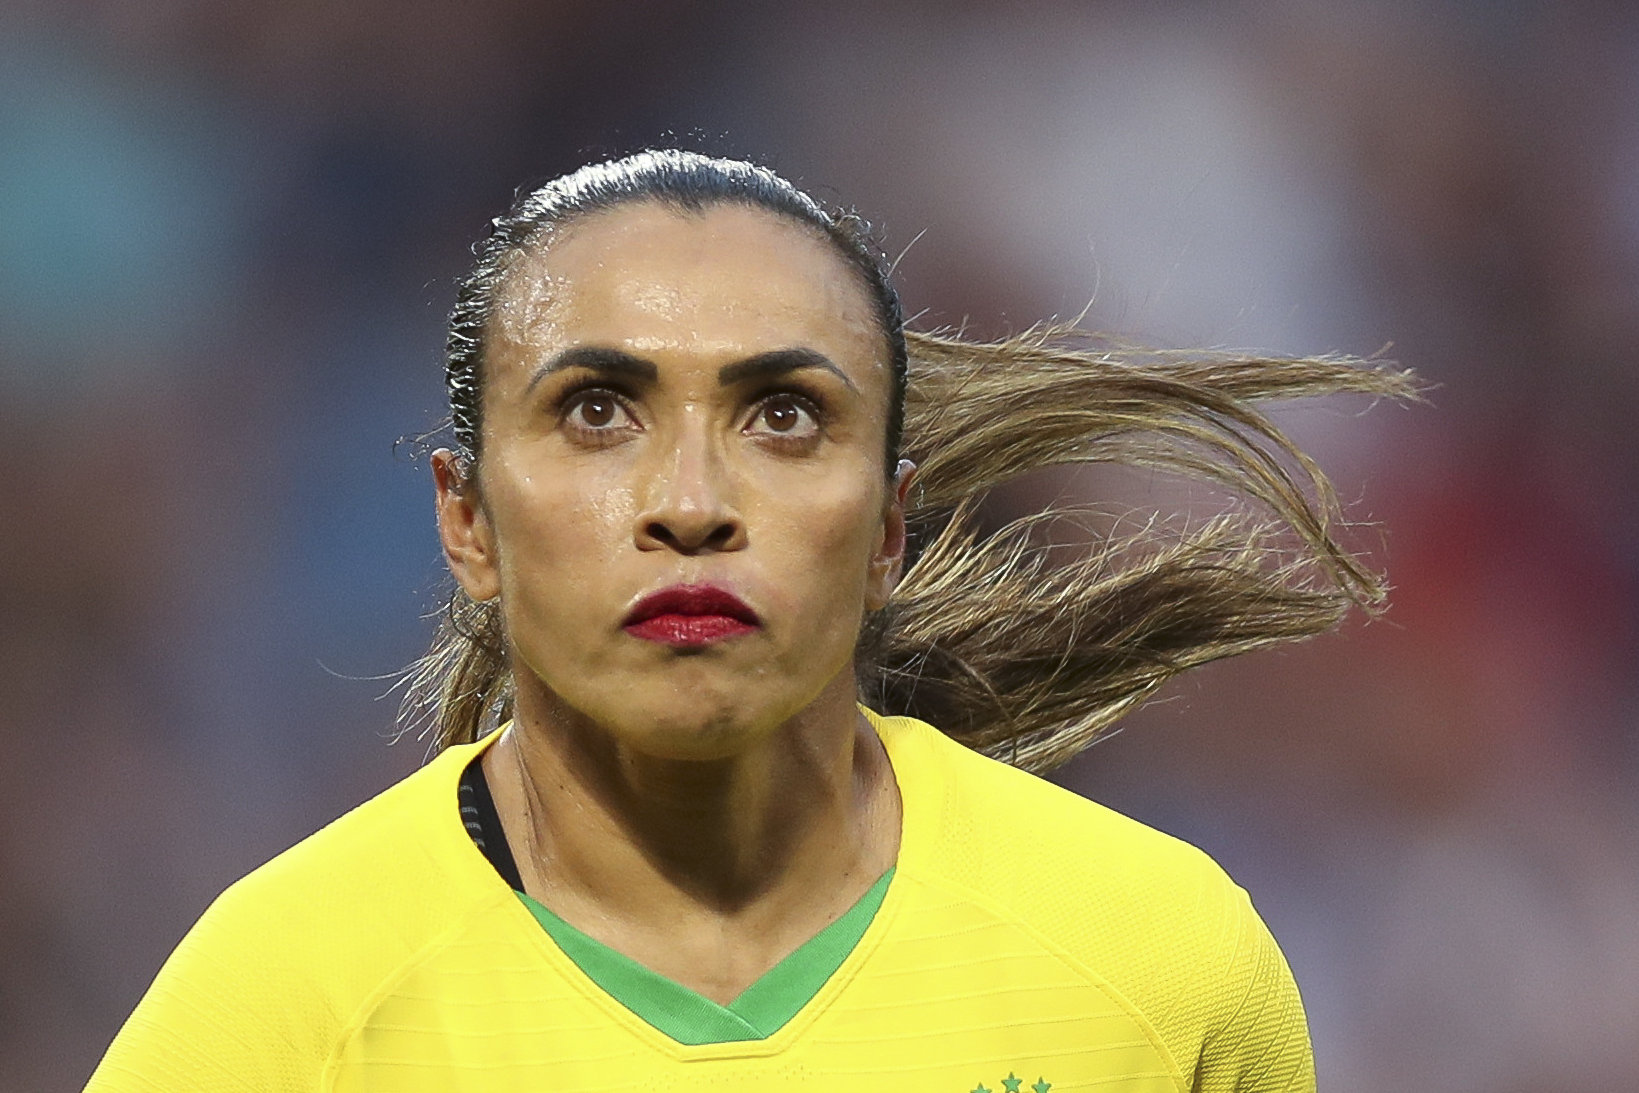 Marta sorgte miteiner flammenden Rede und Tränen in den AugenGänsehaut bei den Zuschauern.